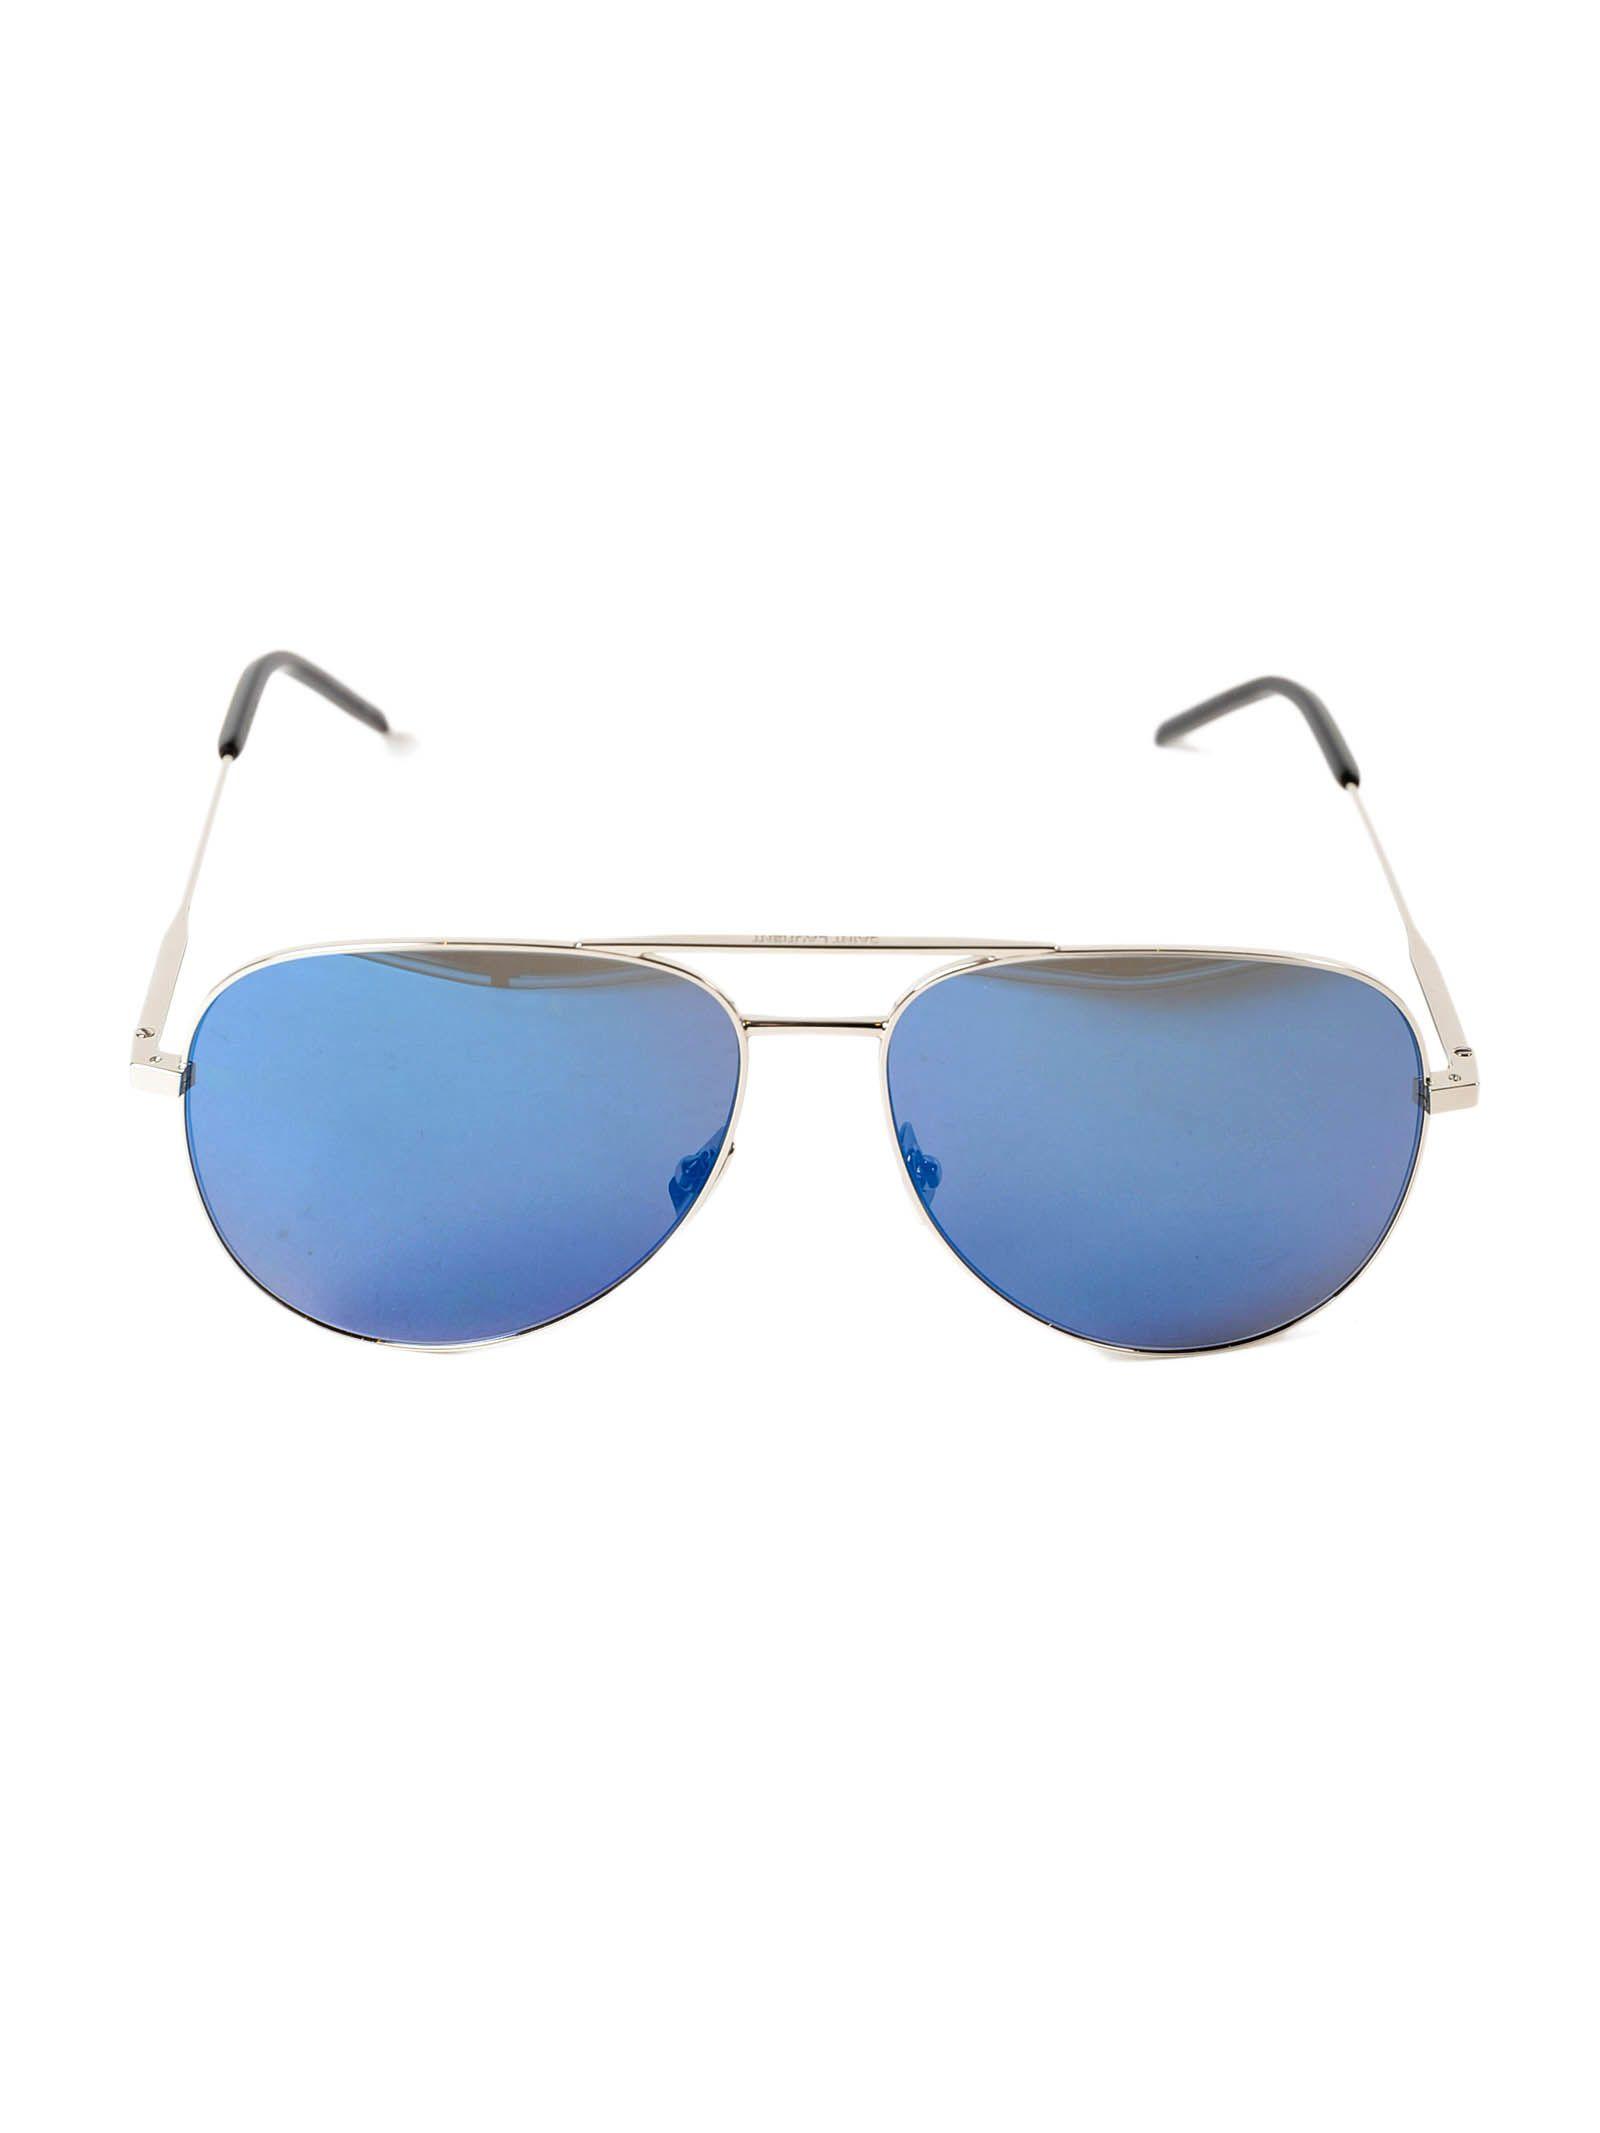 Saint Laurent Ysl Classic Metal Sunglasses